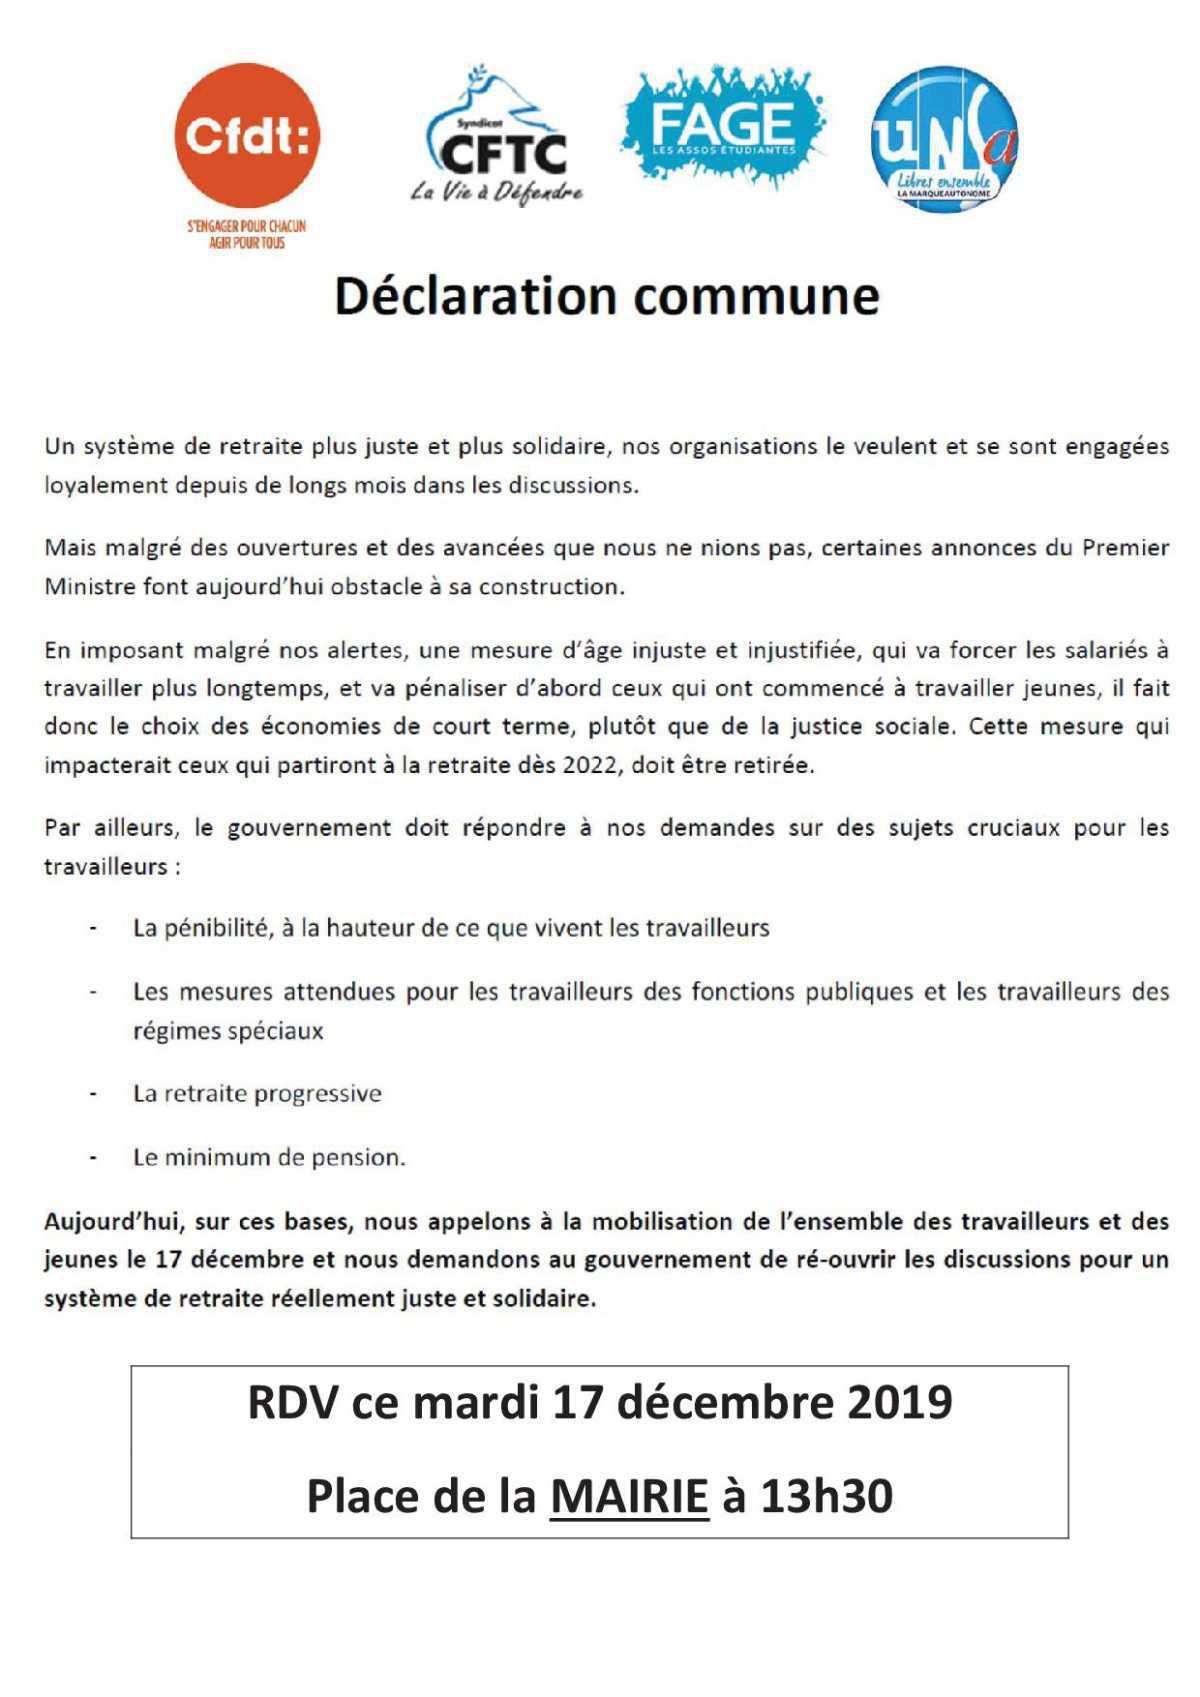 appel à la mobilisation le 17 décembre, rassemblement à la mairie de Cherbourg à 13H30